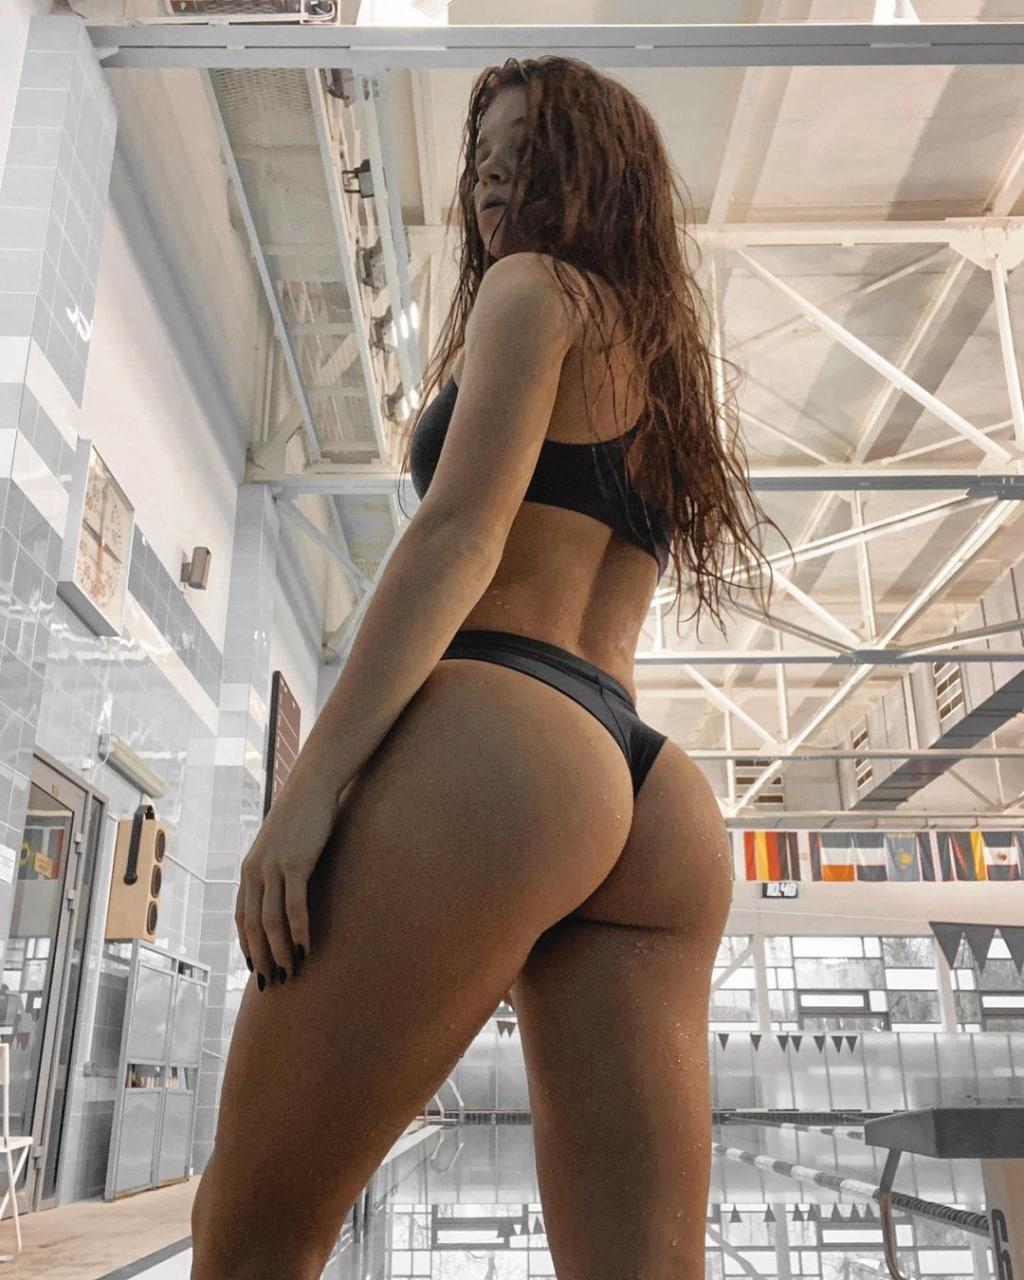 Бег, девушки и спорт